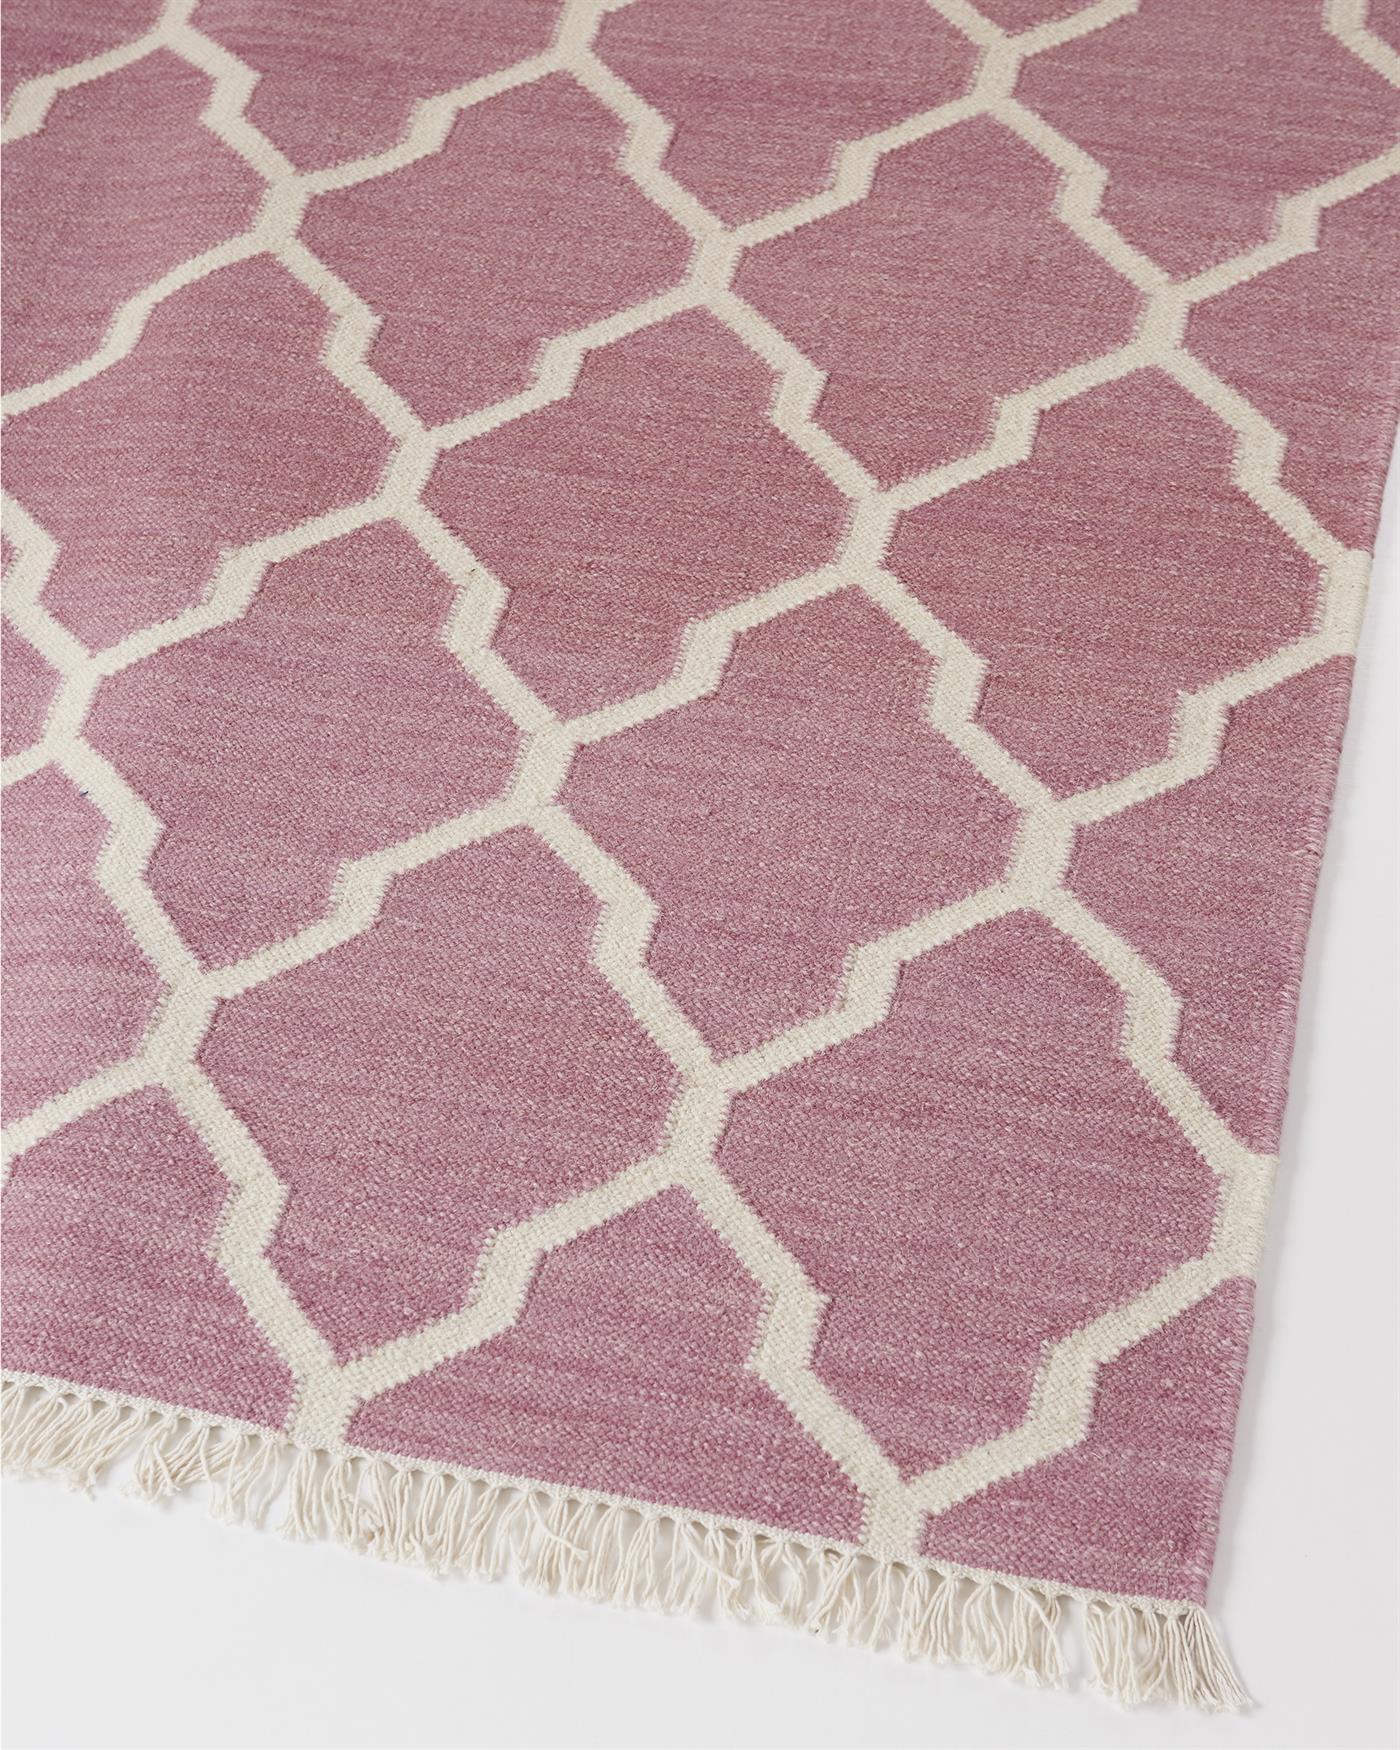 Teppich_pink_24963_2 Inspiration Outdoor Teppich Kunststoff Schema